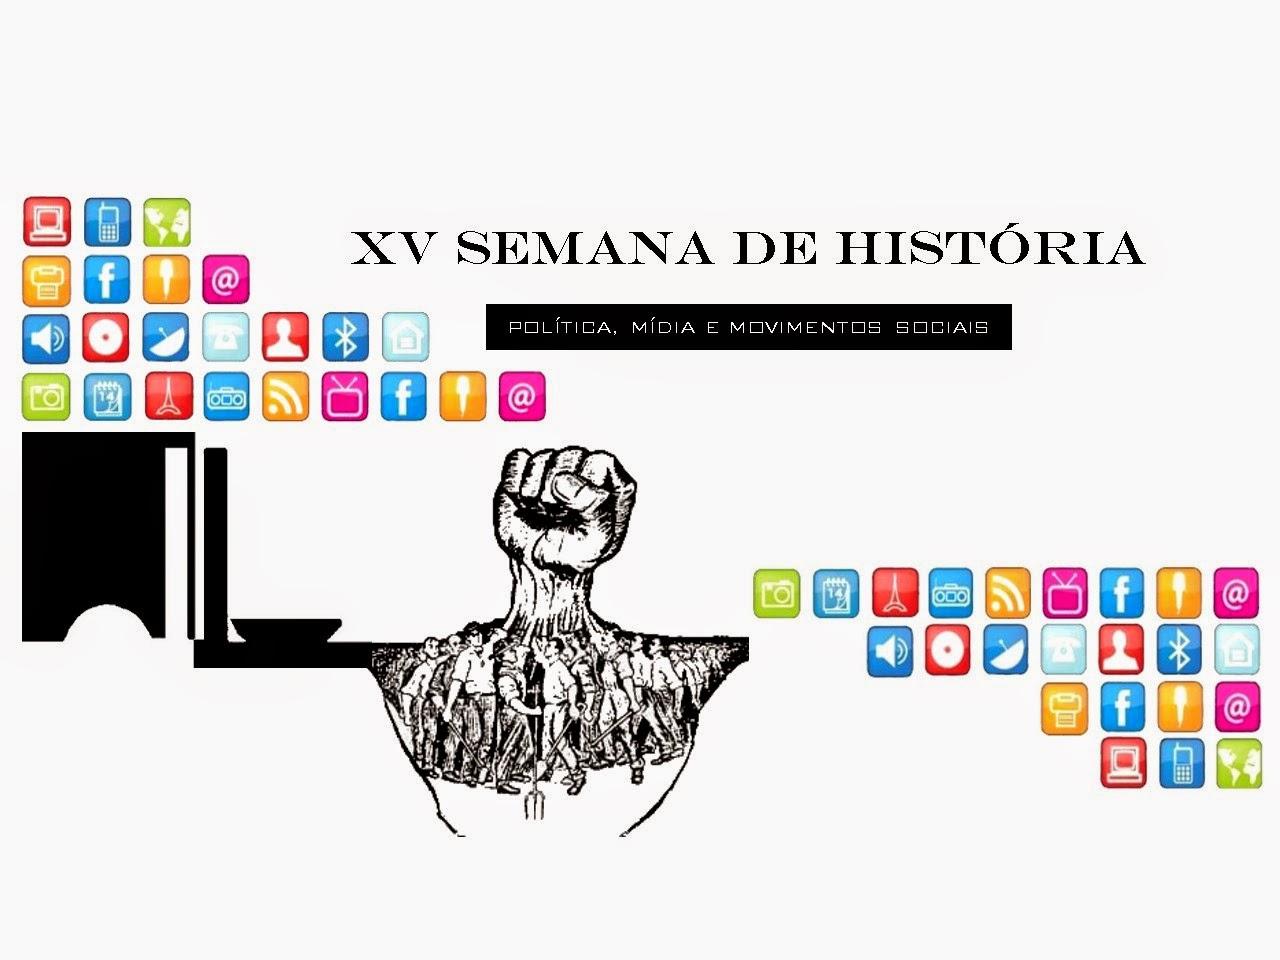 XV SEMANA DE HISTÓRIA